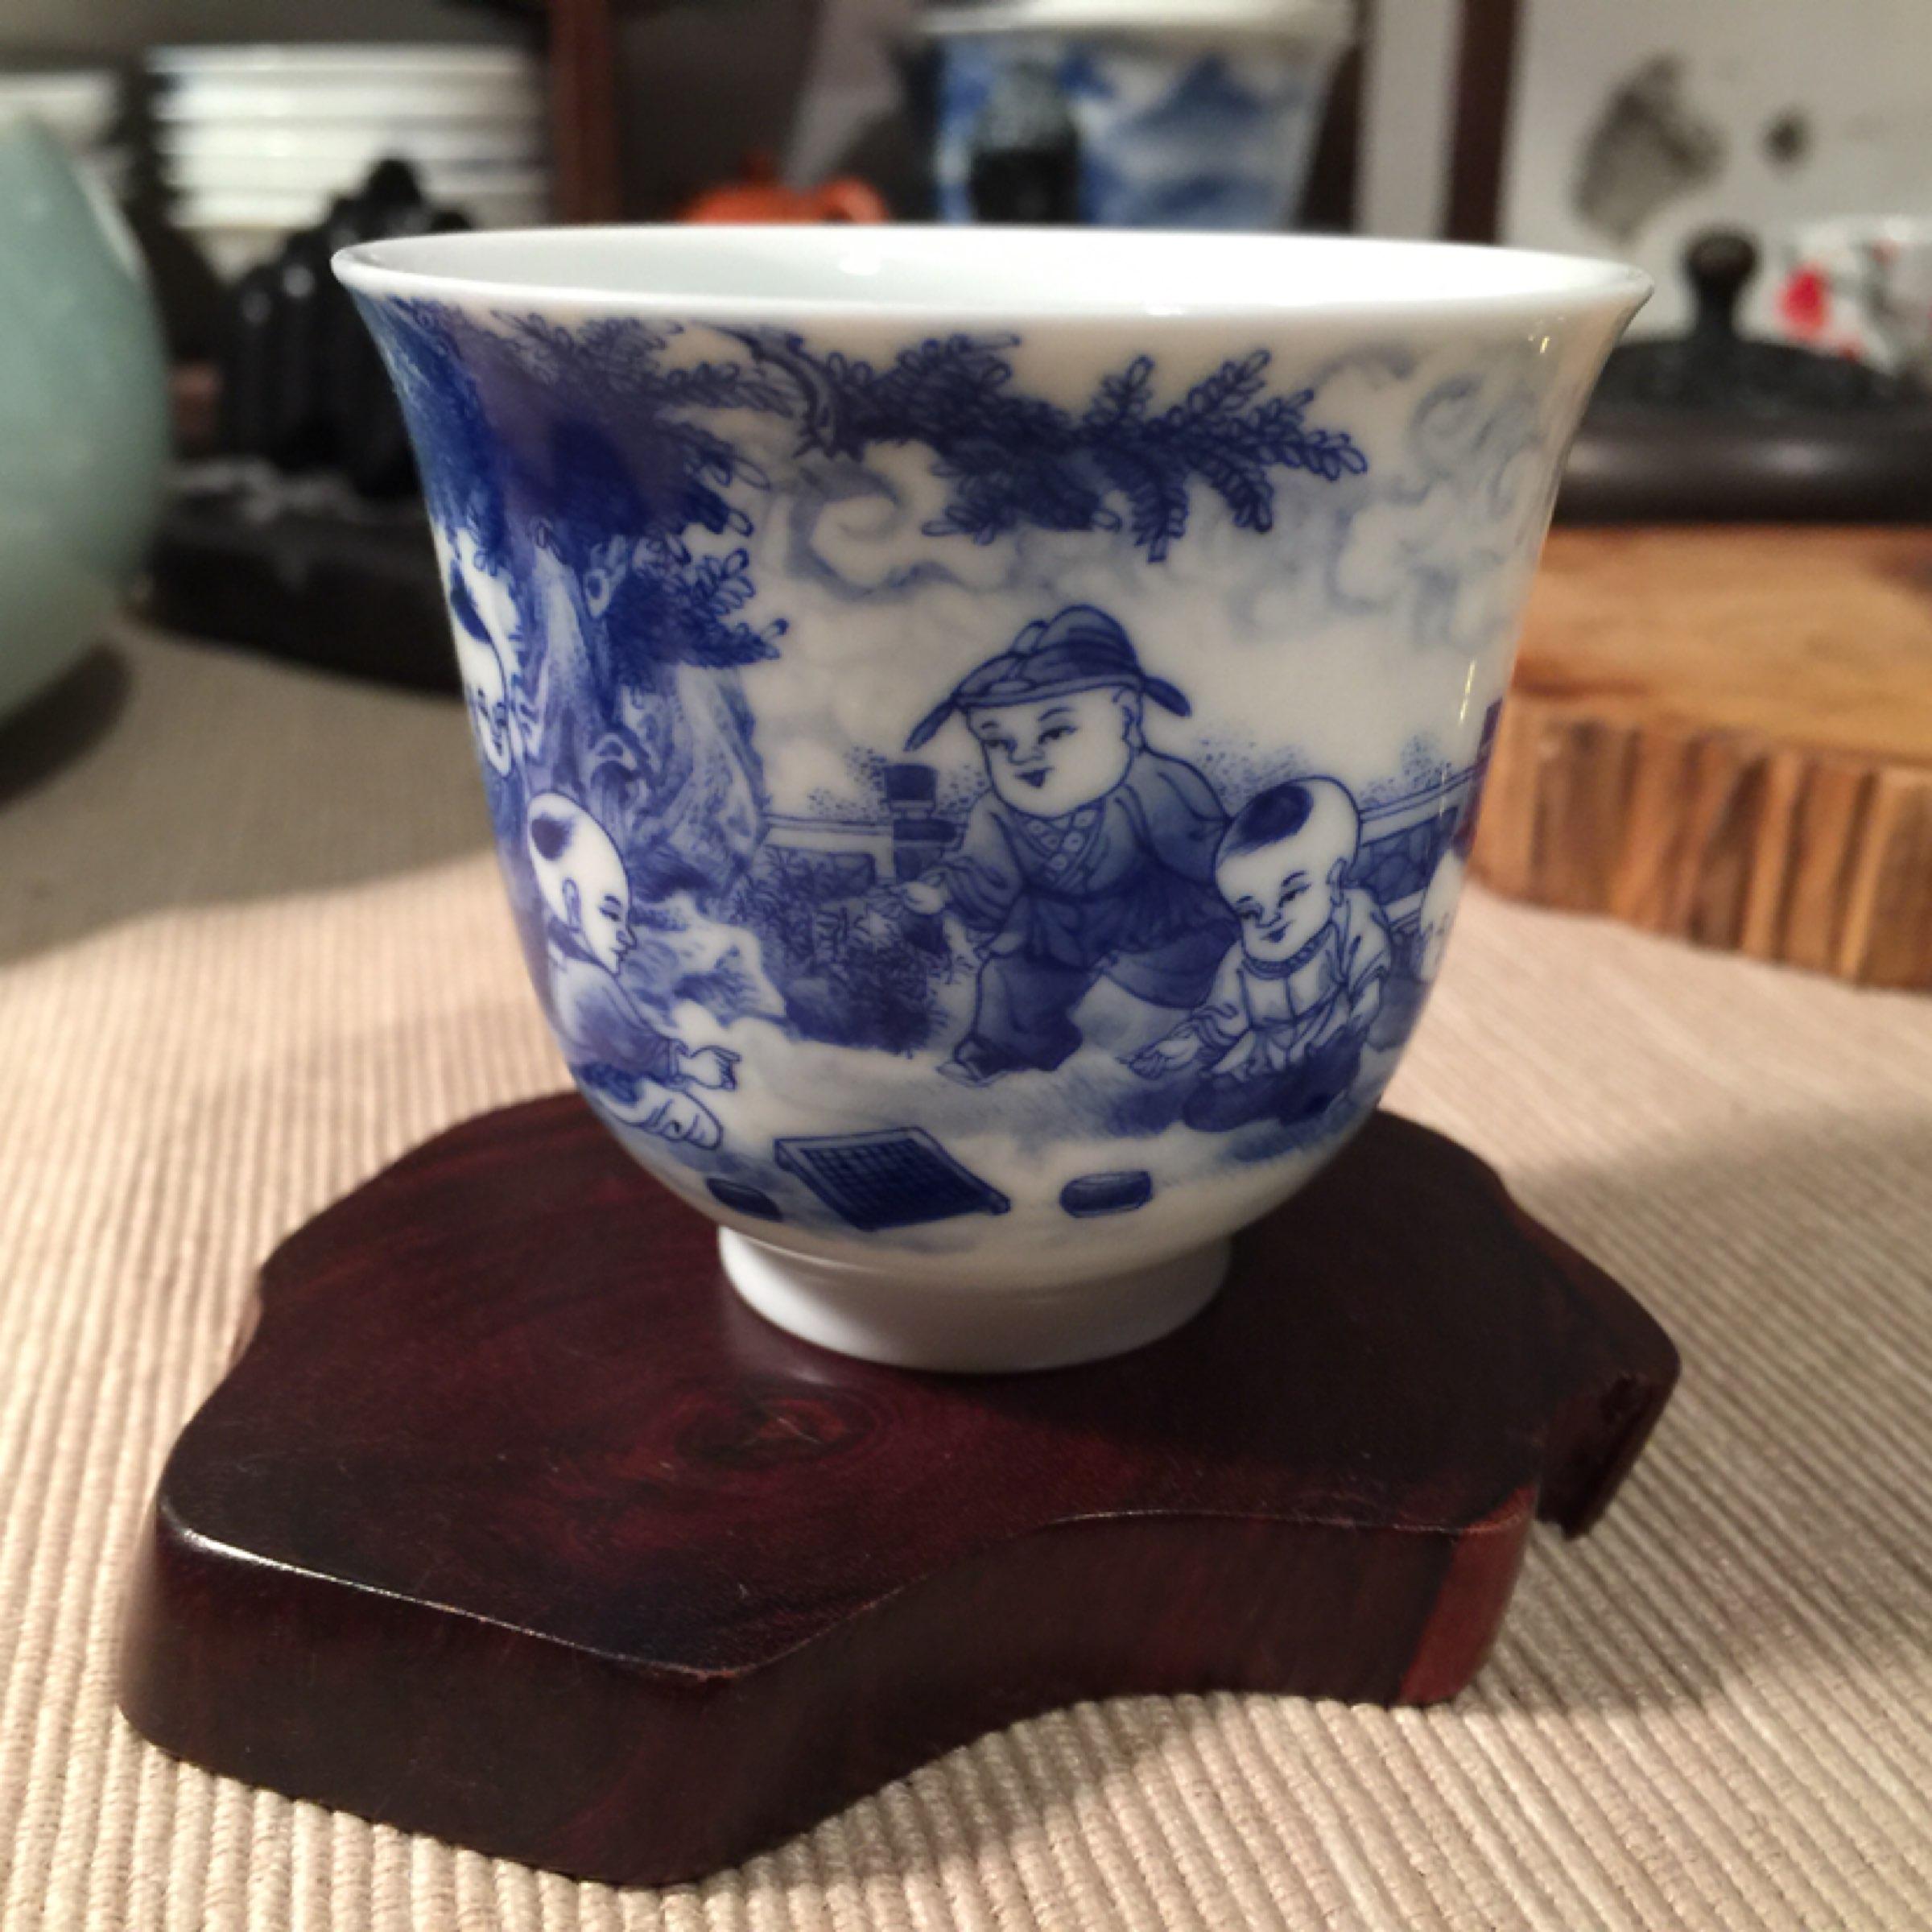 大家来看看这个王晨风的青花瓷杯子怎么样